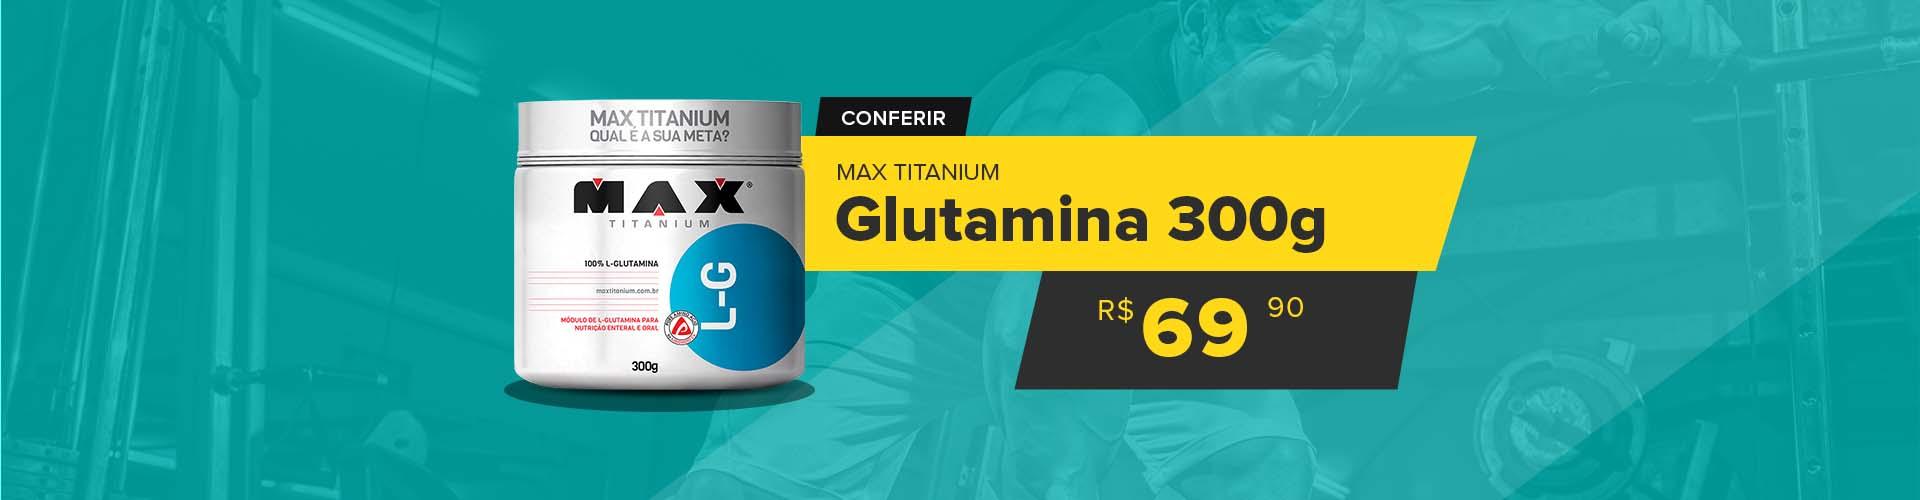 GLUTAMINA 300g MAXTITANIUM